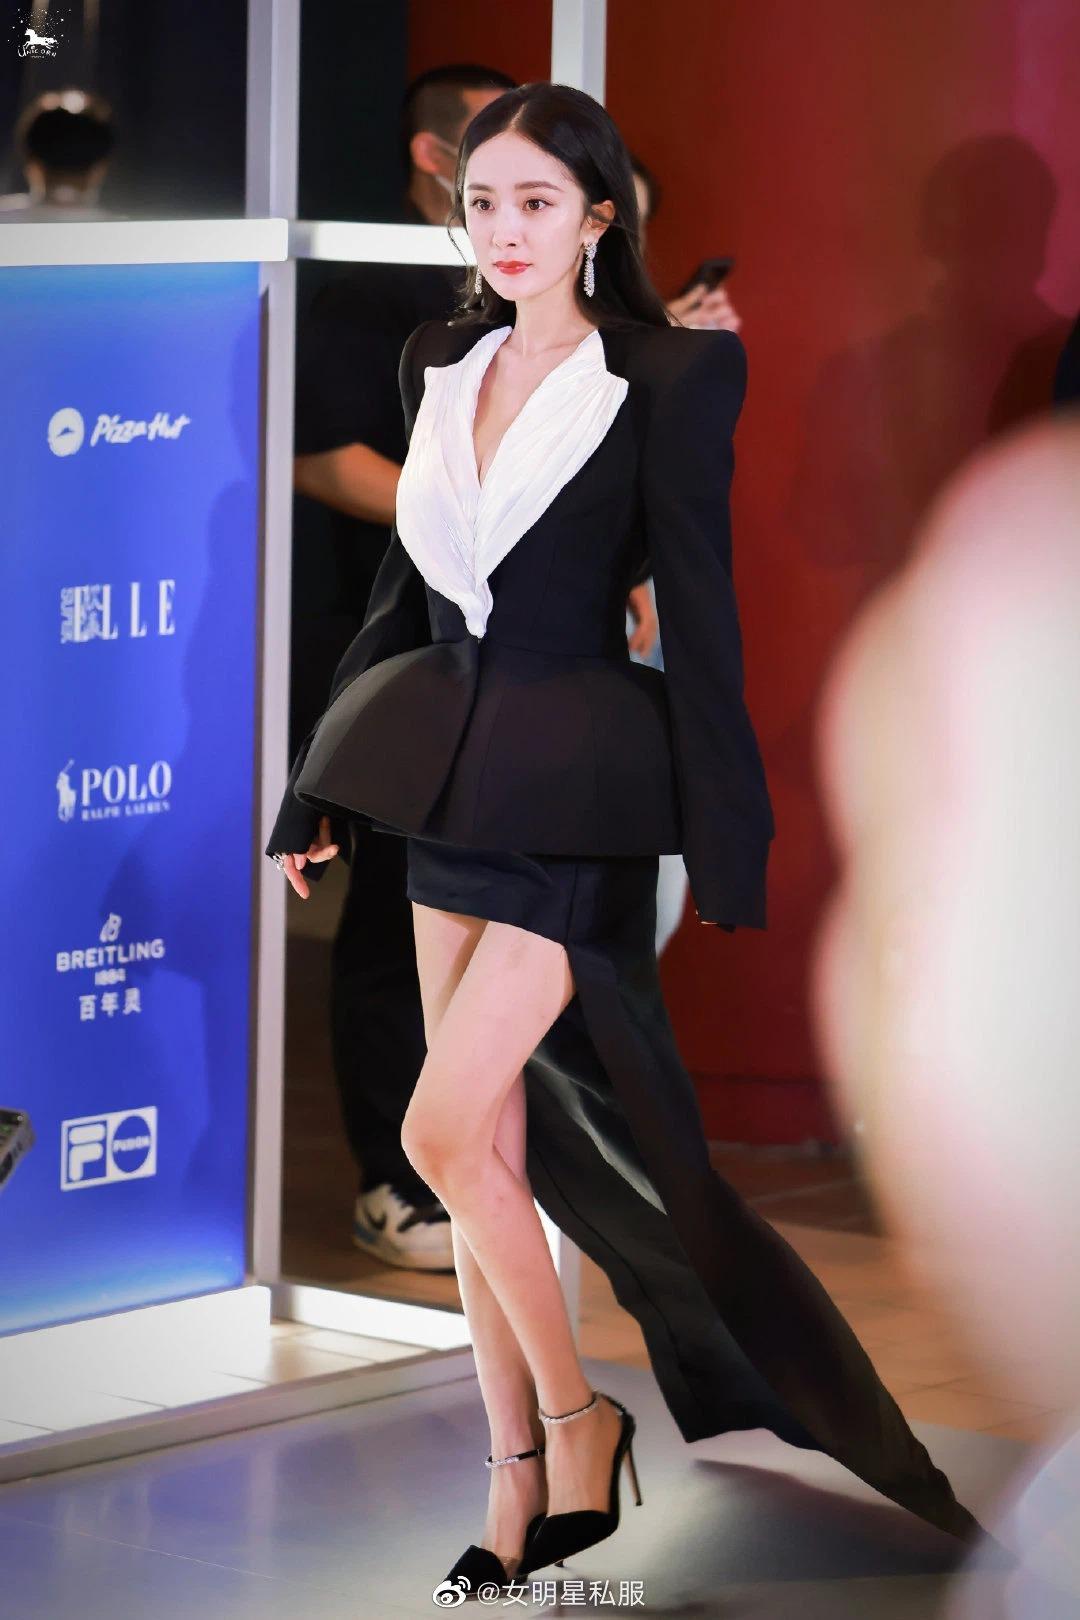 Duong Mich عالی بازی می کند: 2 لباس را در یک رویداد عوض کنید ، نترسید صد میلیون جنس را برای گرفتن درست کنید